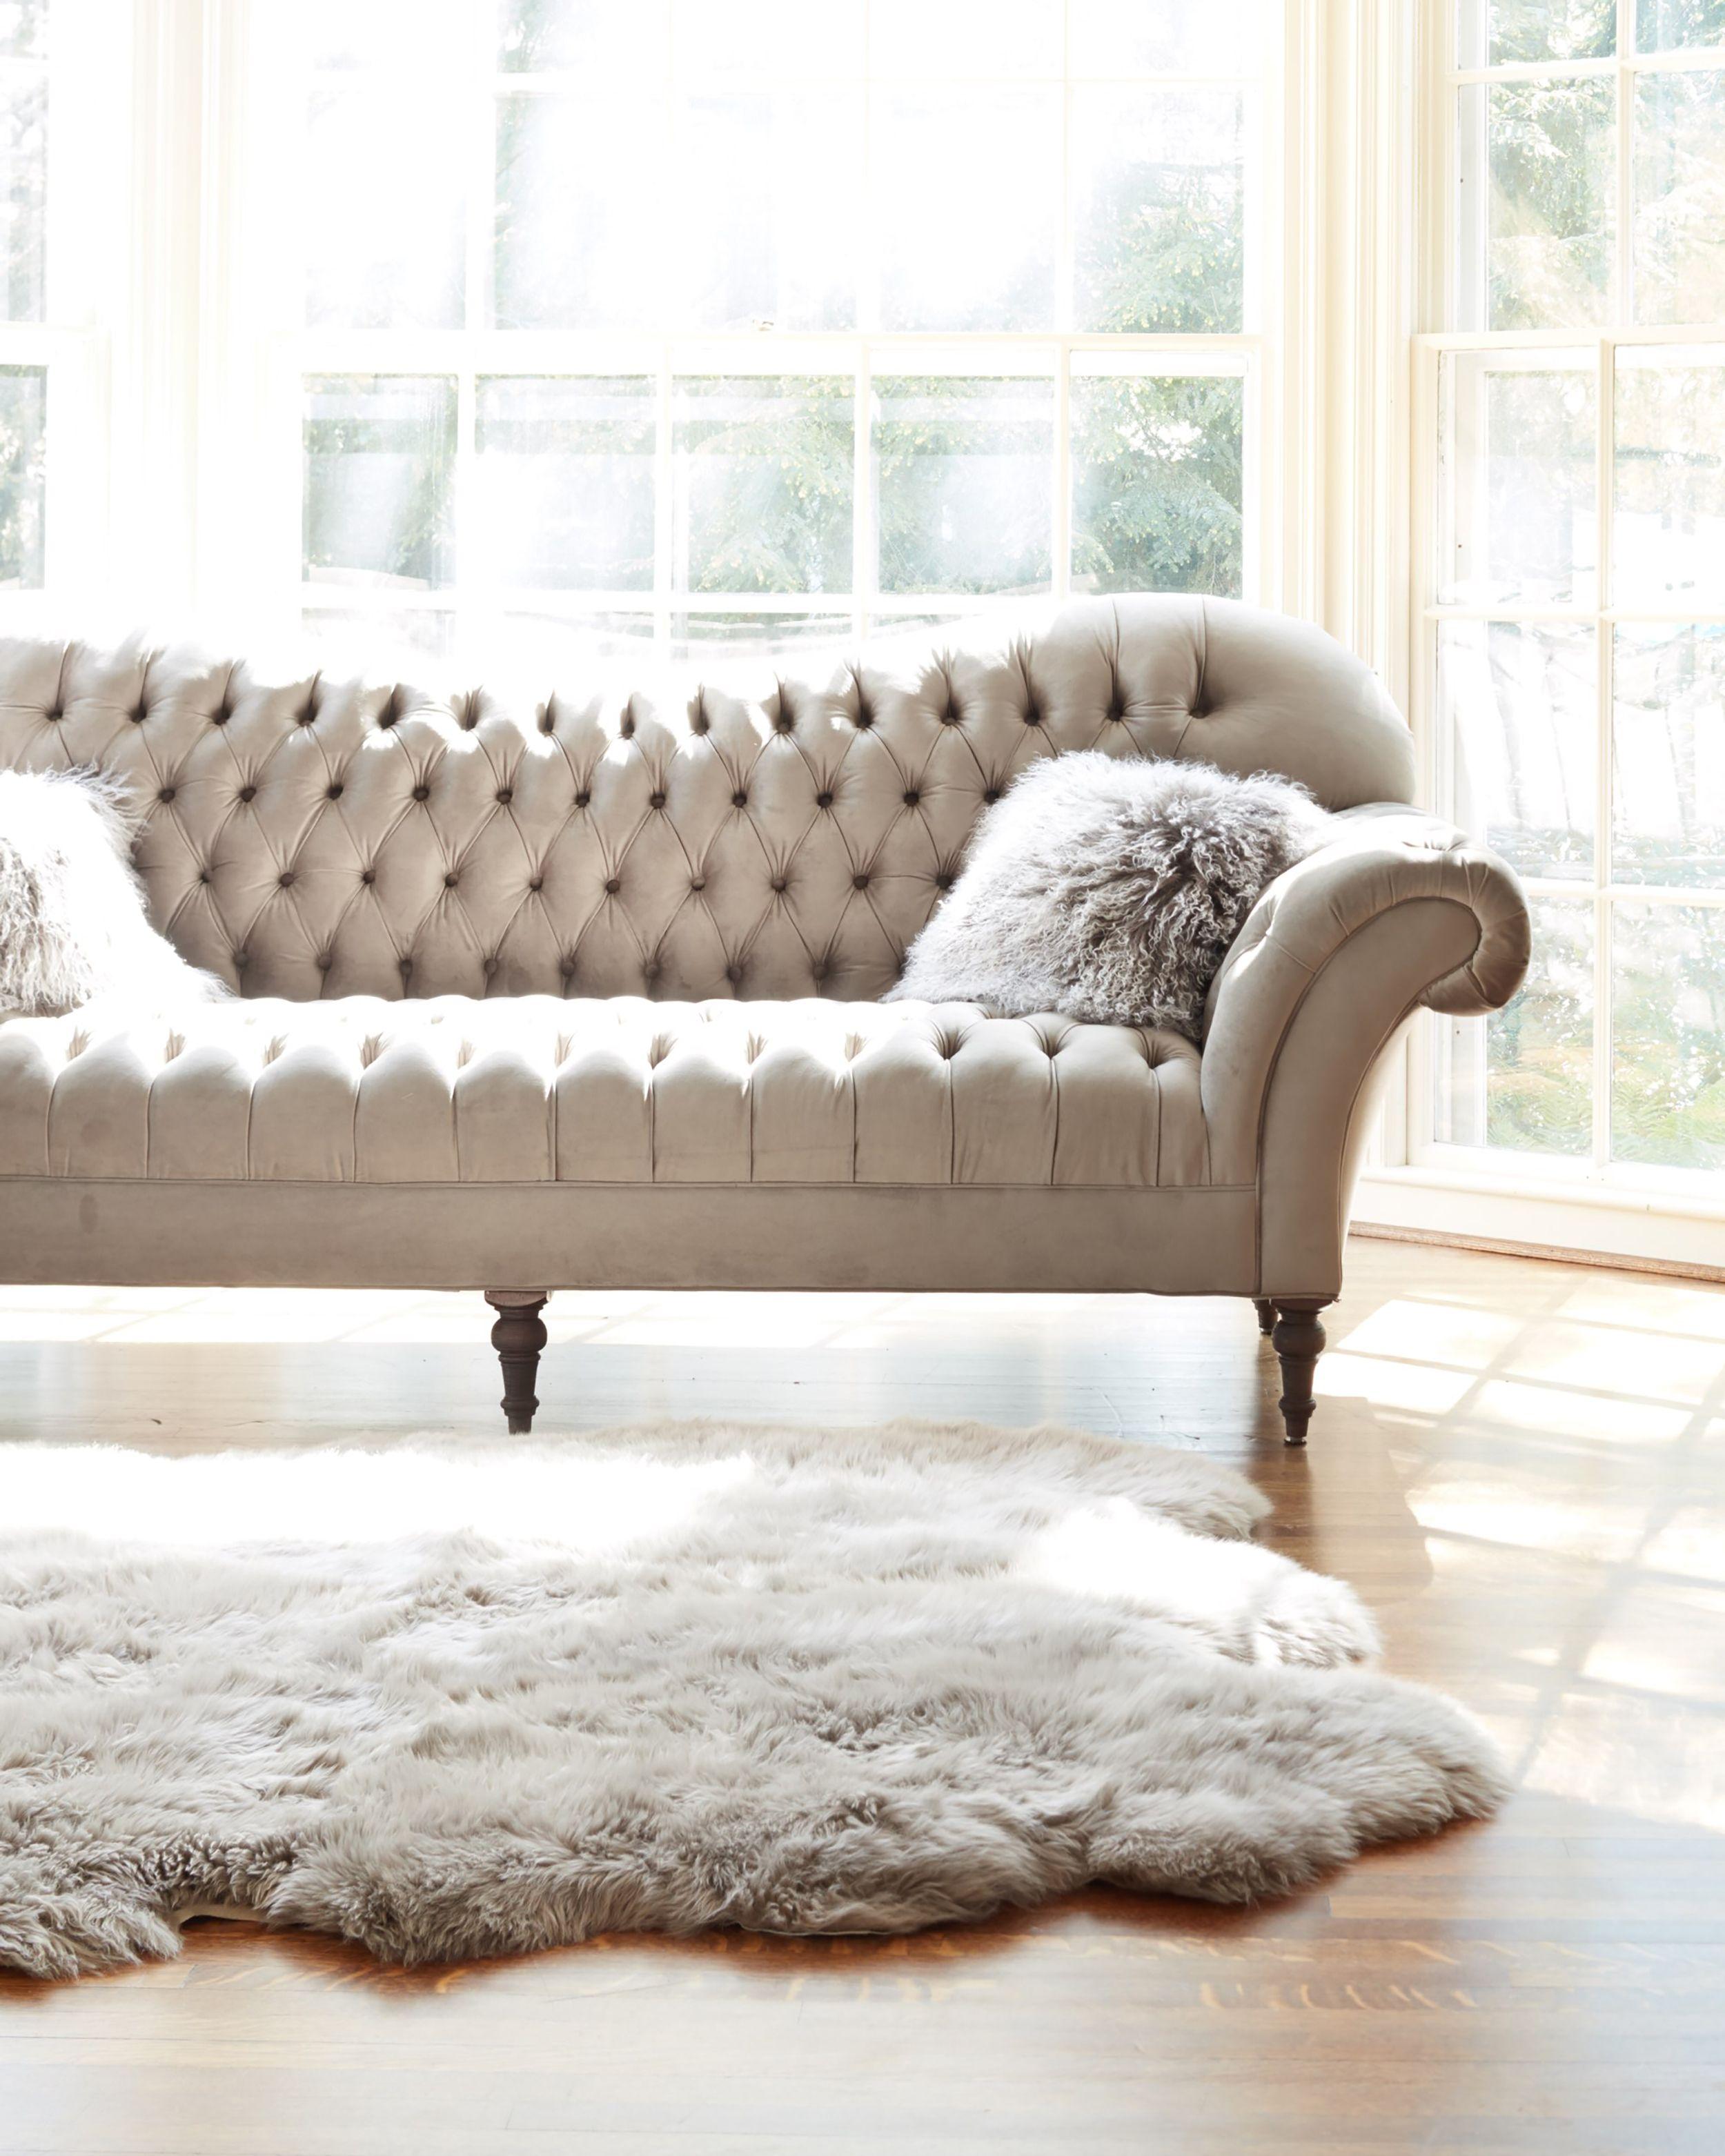 Sheepskin Wool Vole Rug Arhaus Sheepskin Rug Living Room Rugs In Living Room Arhaus Furniture #sheepskin #rug #living #room